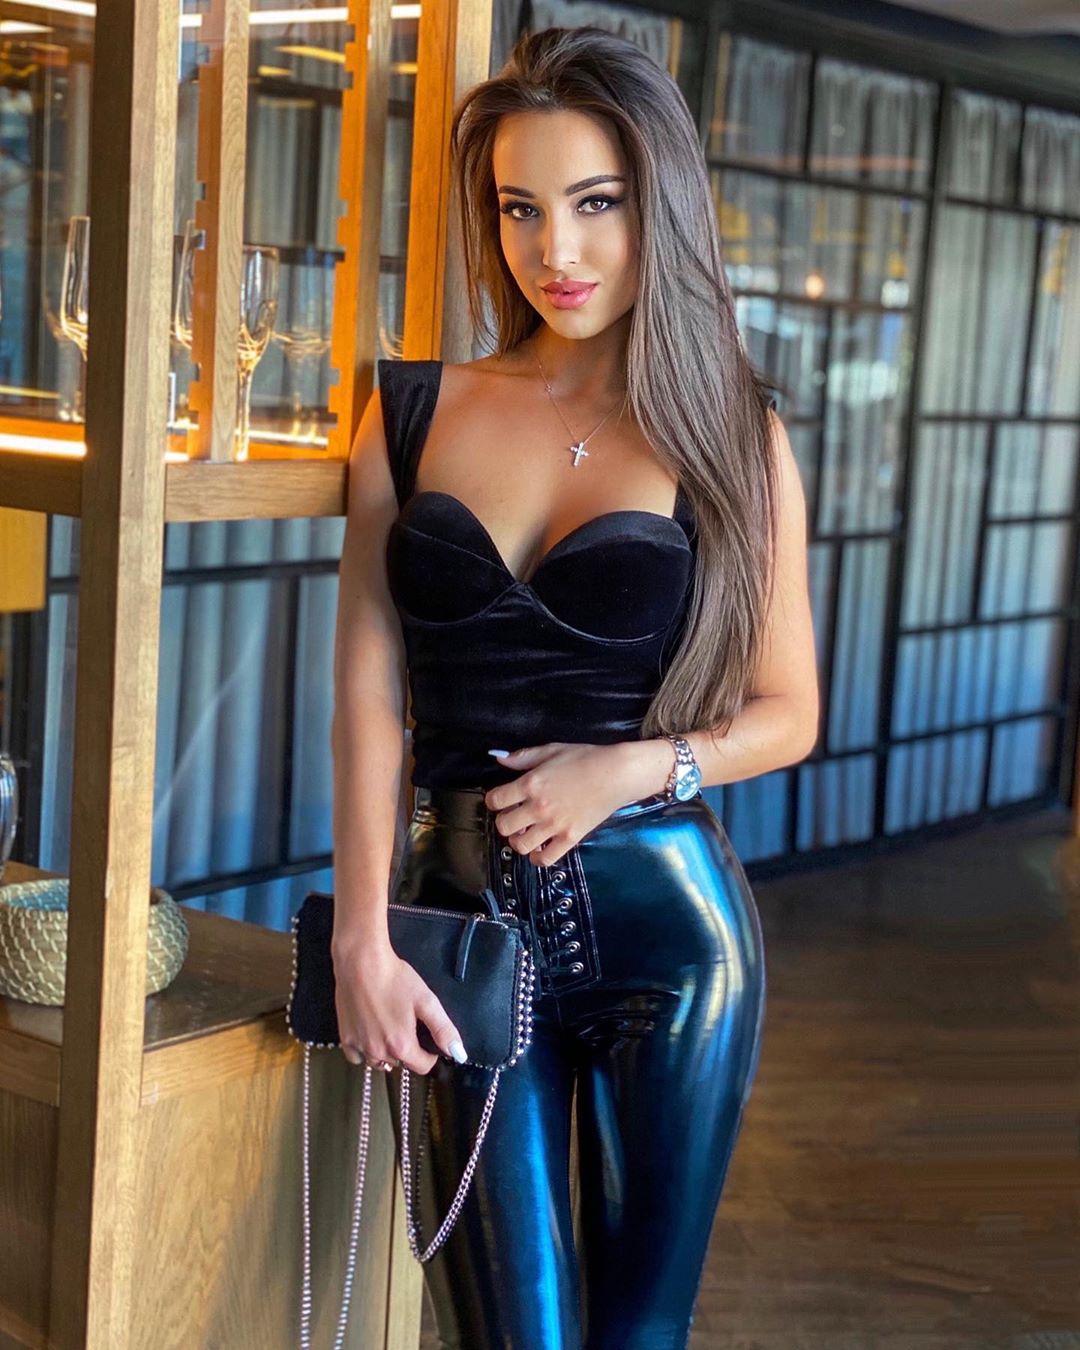 DEBATE sobre belleza, guapura y hermosura (fotos de chicas latinas, mestizas, y de todo) - VOL II - Página 6 Instagram-crush-ekaterina-busel-20200219-1019